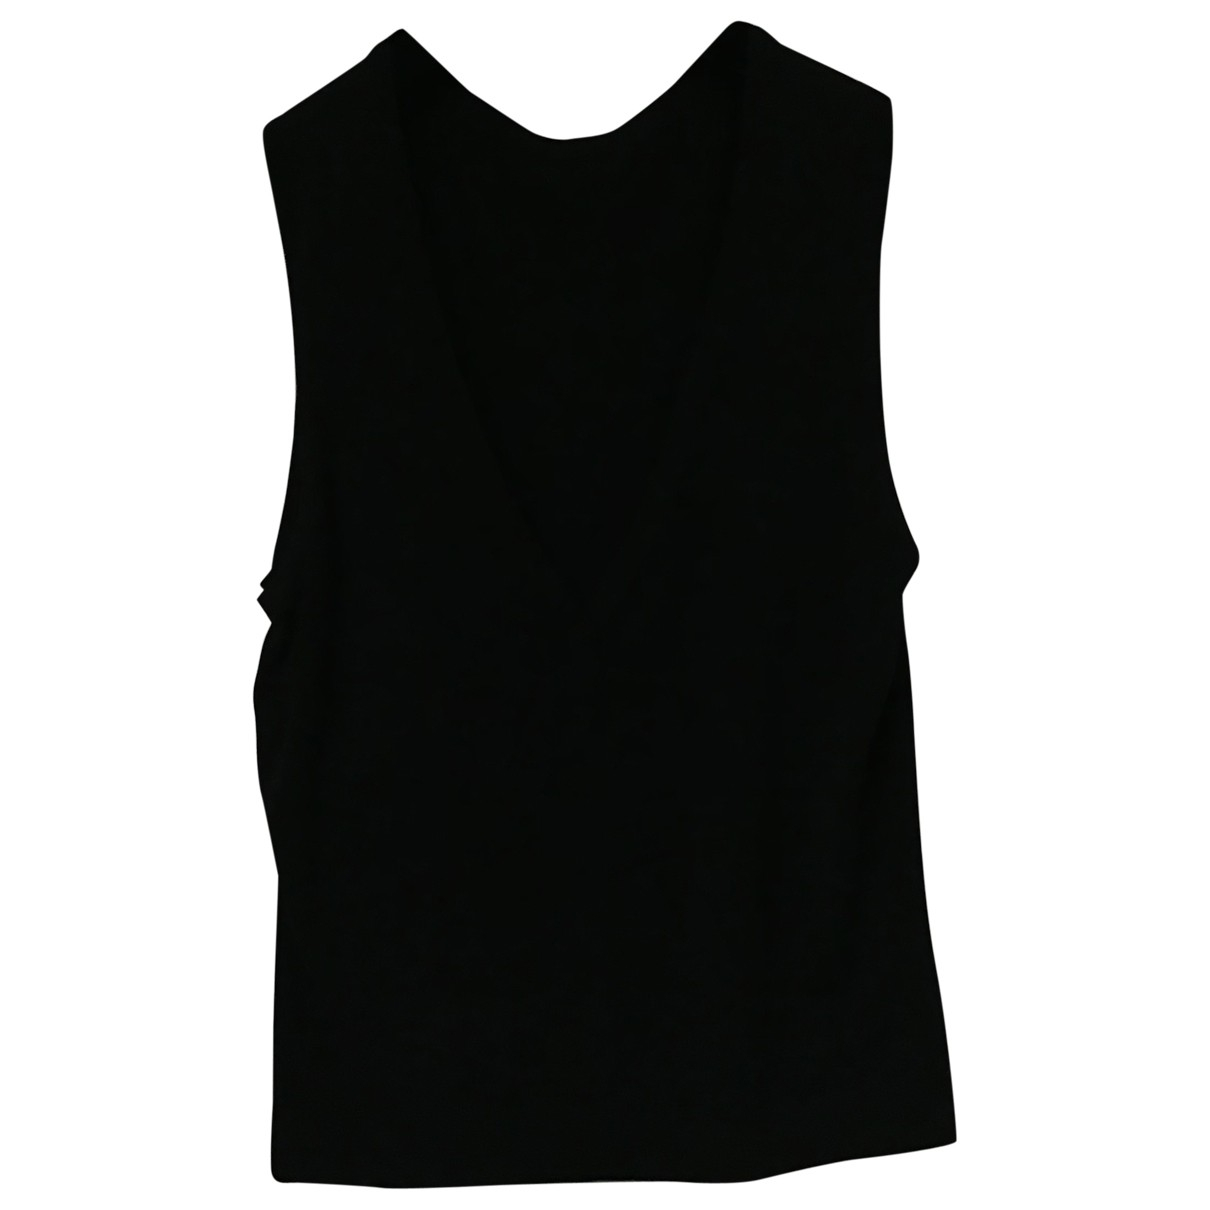 Alaia - Top   pour femme - noir